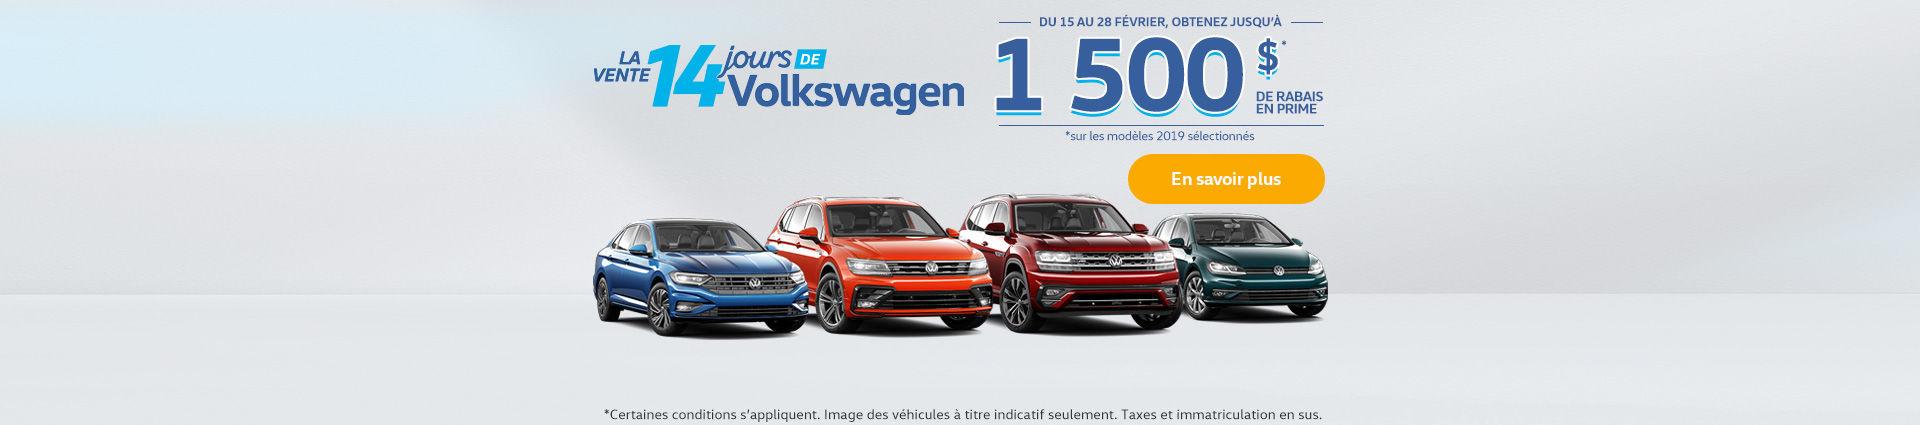 La vente 14 jours de Volkswagen